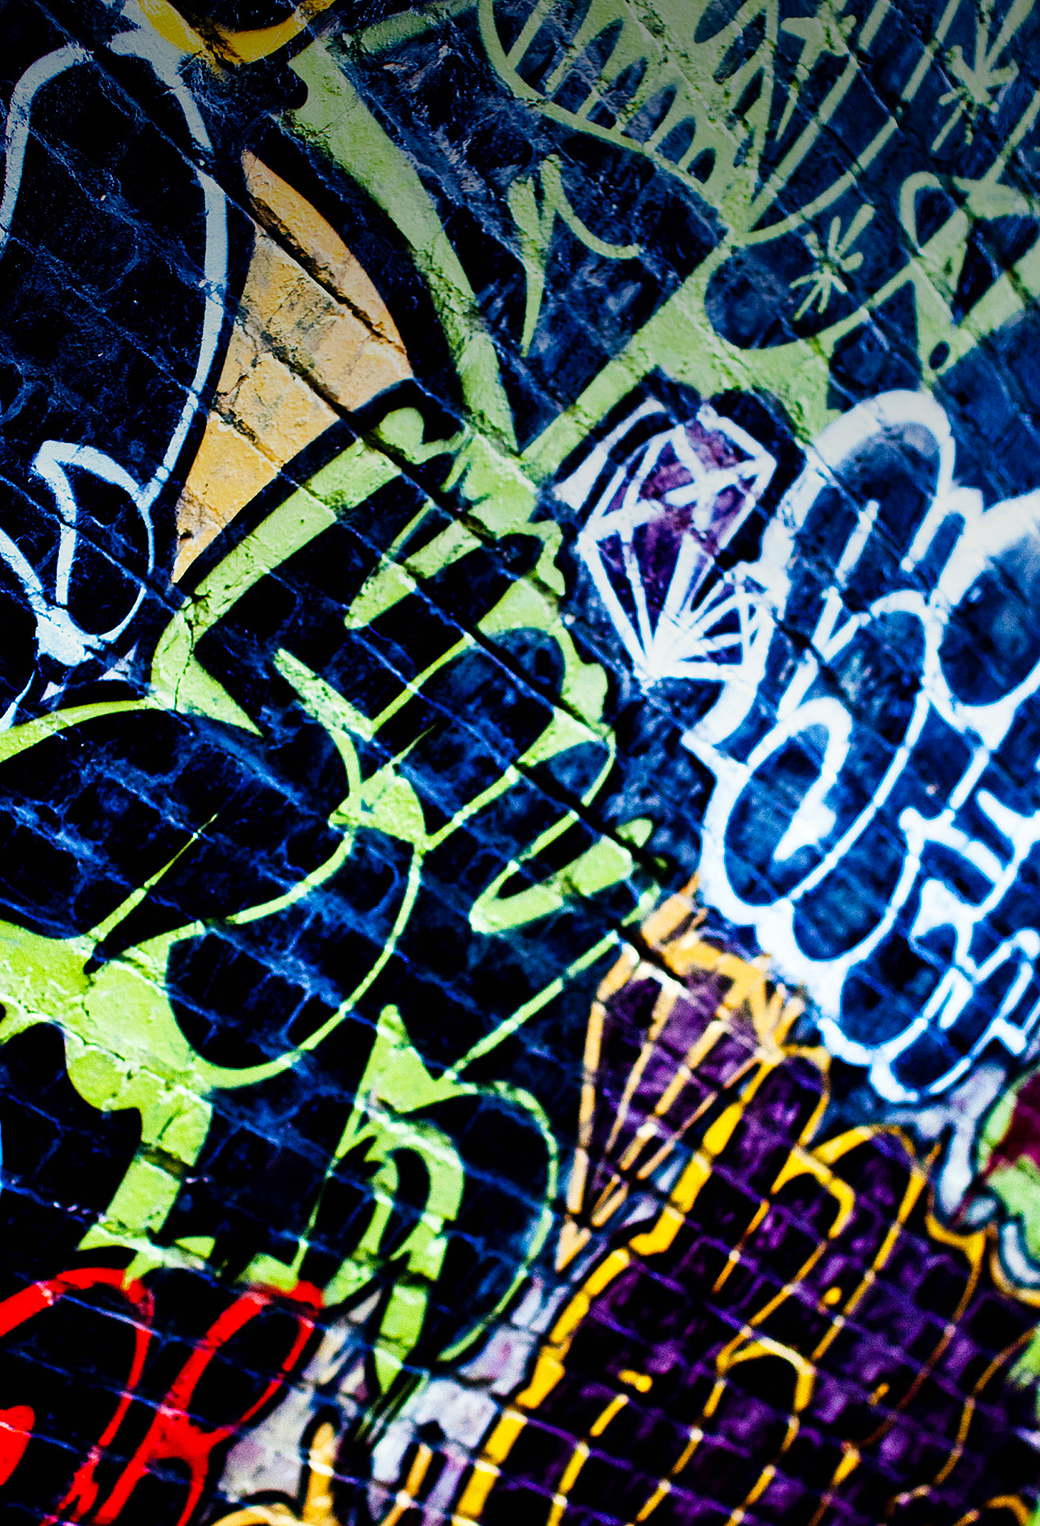 graffiti art iphone wallpaper image